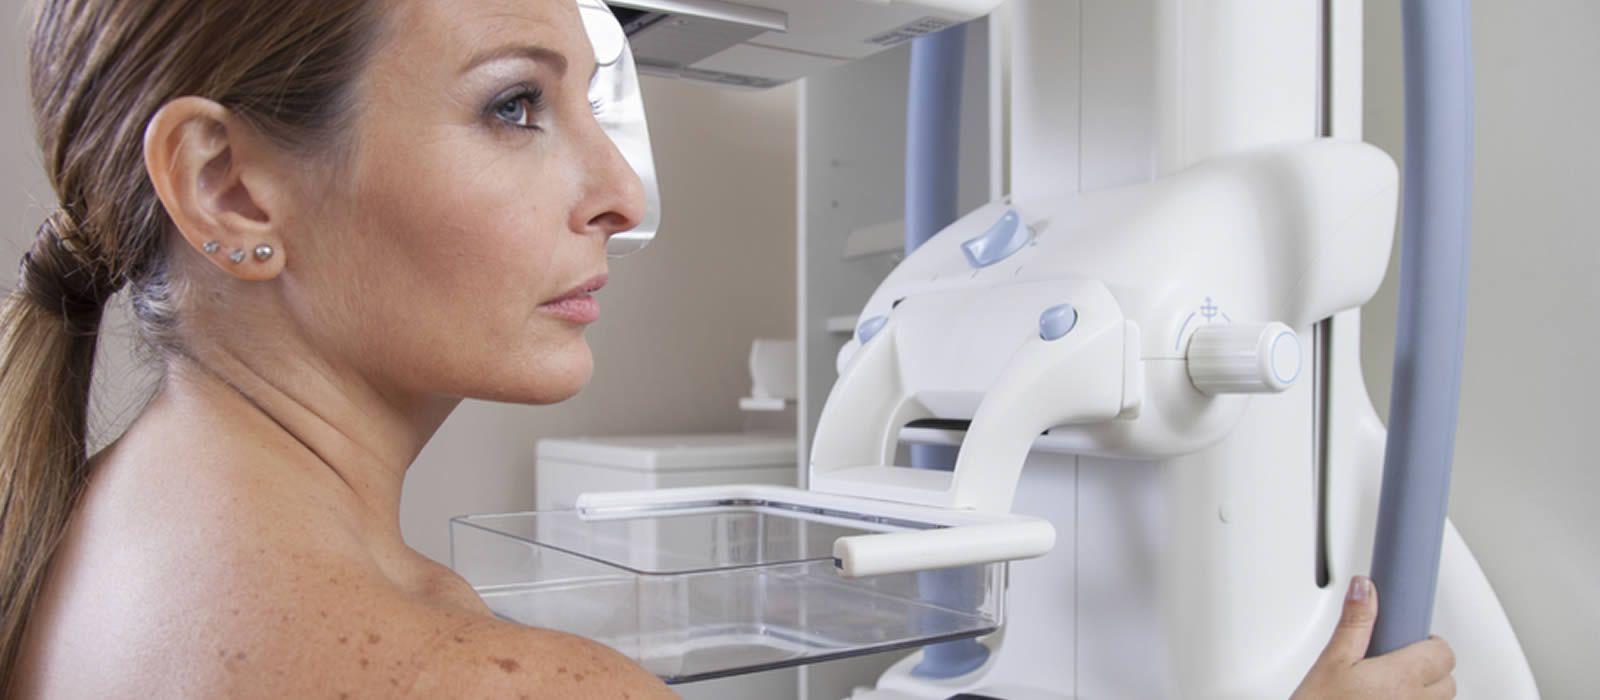 Mamografía: cuándo es el momento de comenzar a hacerla anualmente